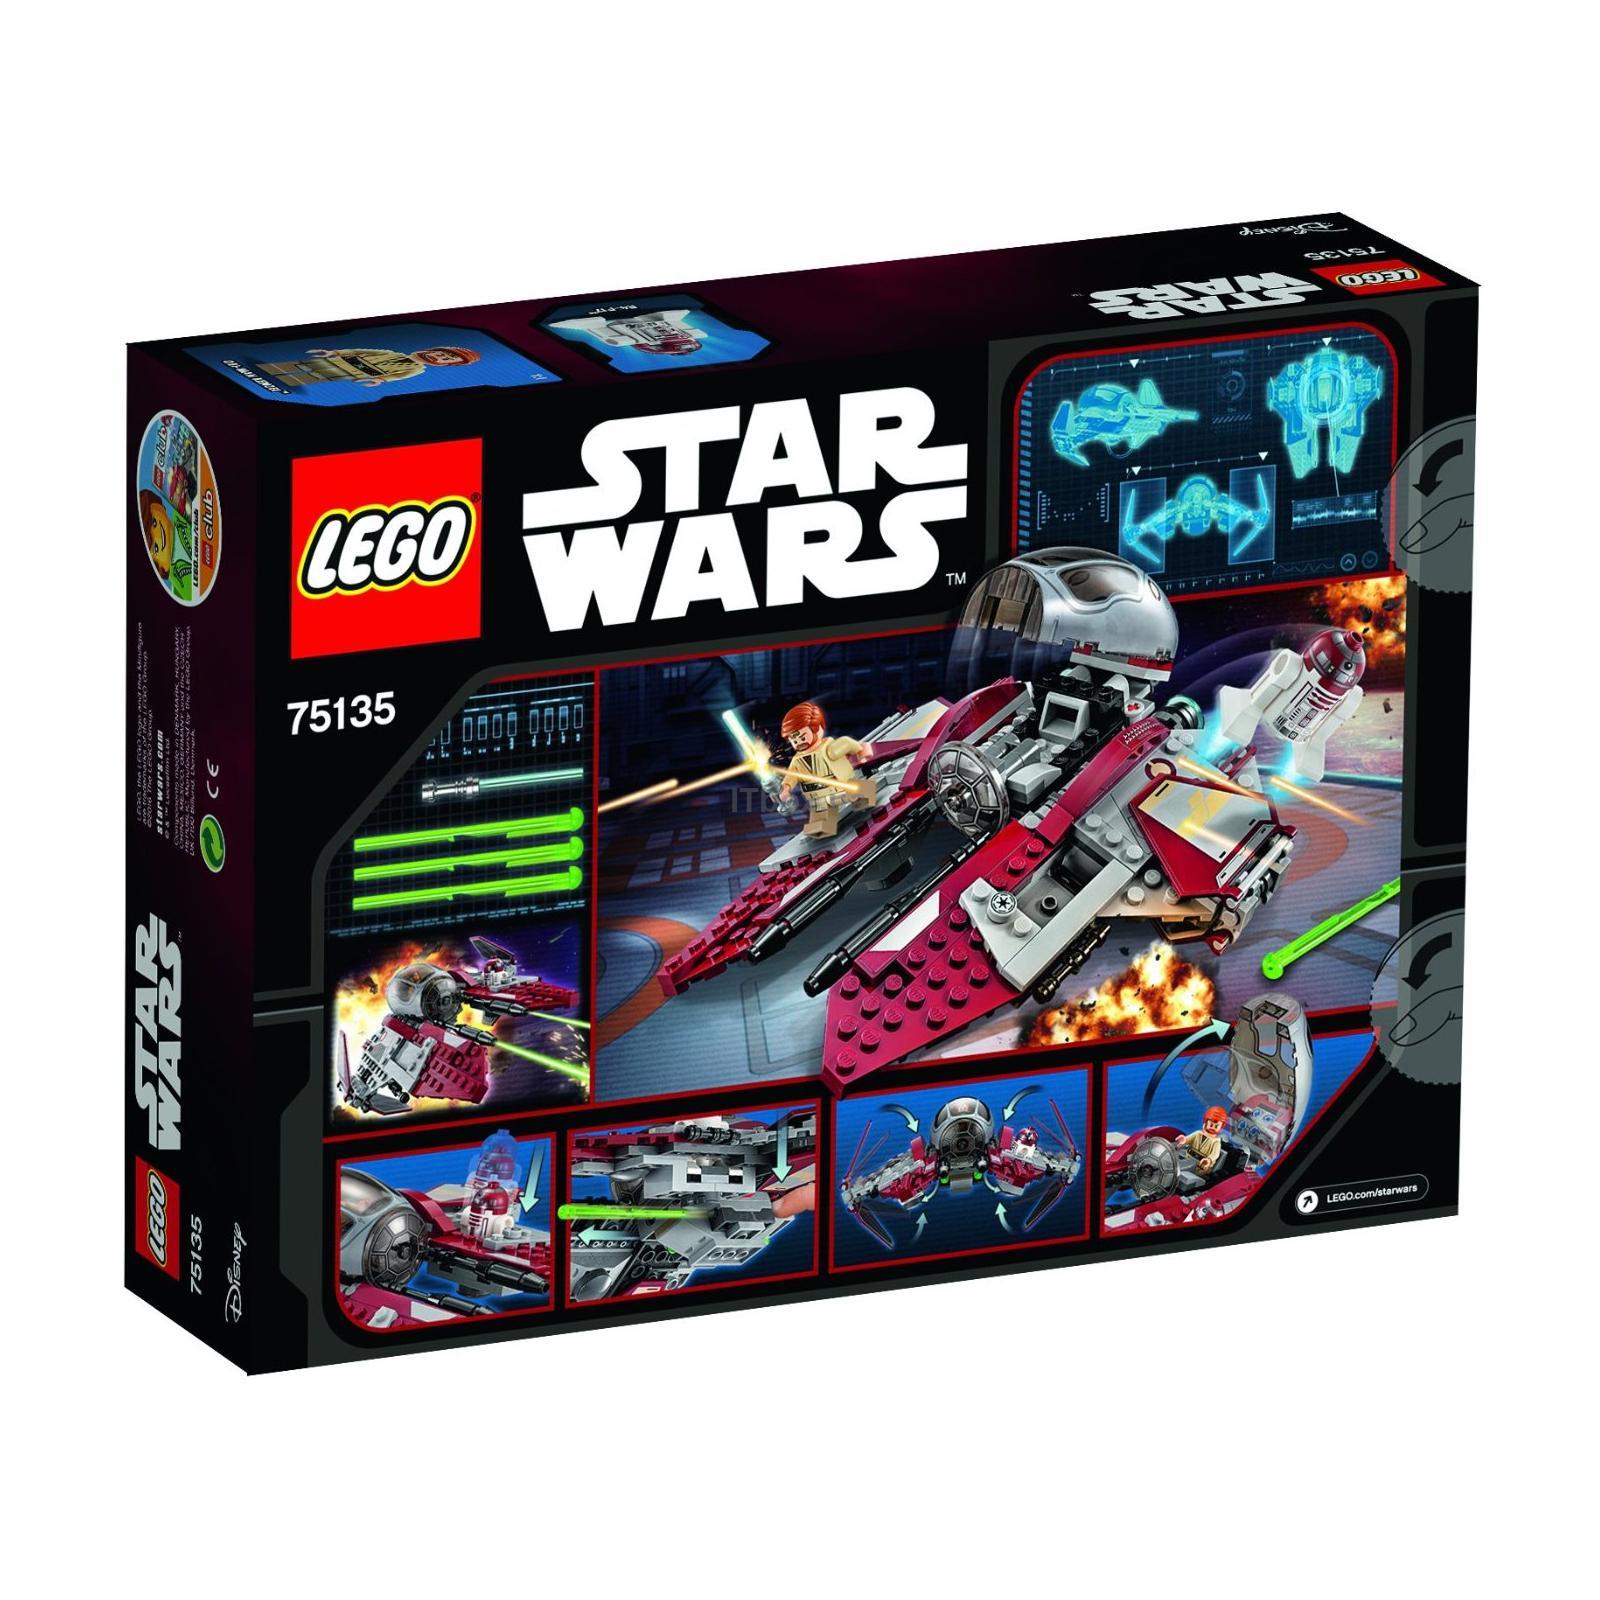 LEGO Star Wars Перехватчик джедаев Оби ...: www.itbox.ua/product/Konstruktor_LEGO_Star_Wars_Perehvatchik...